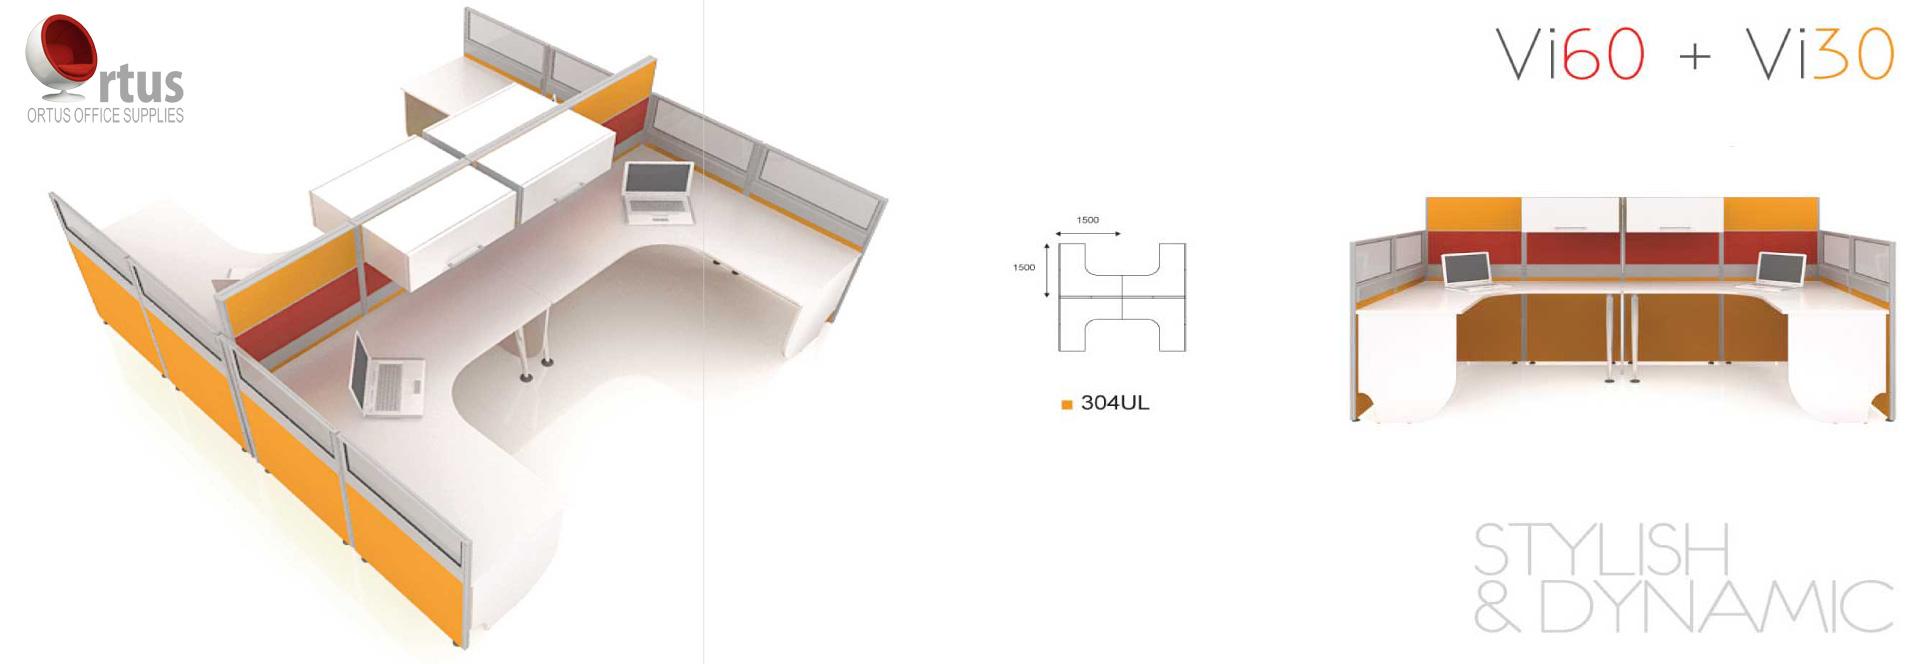 slide-02-Vi60+Vi30